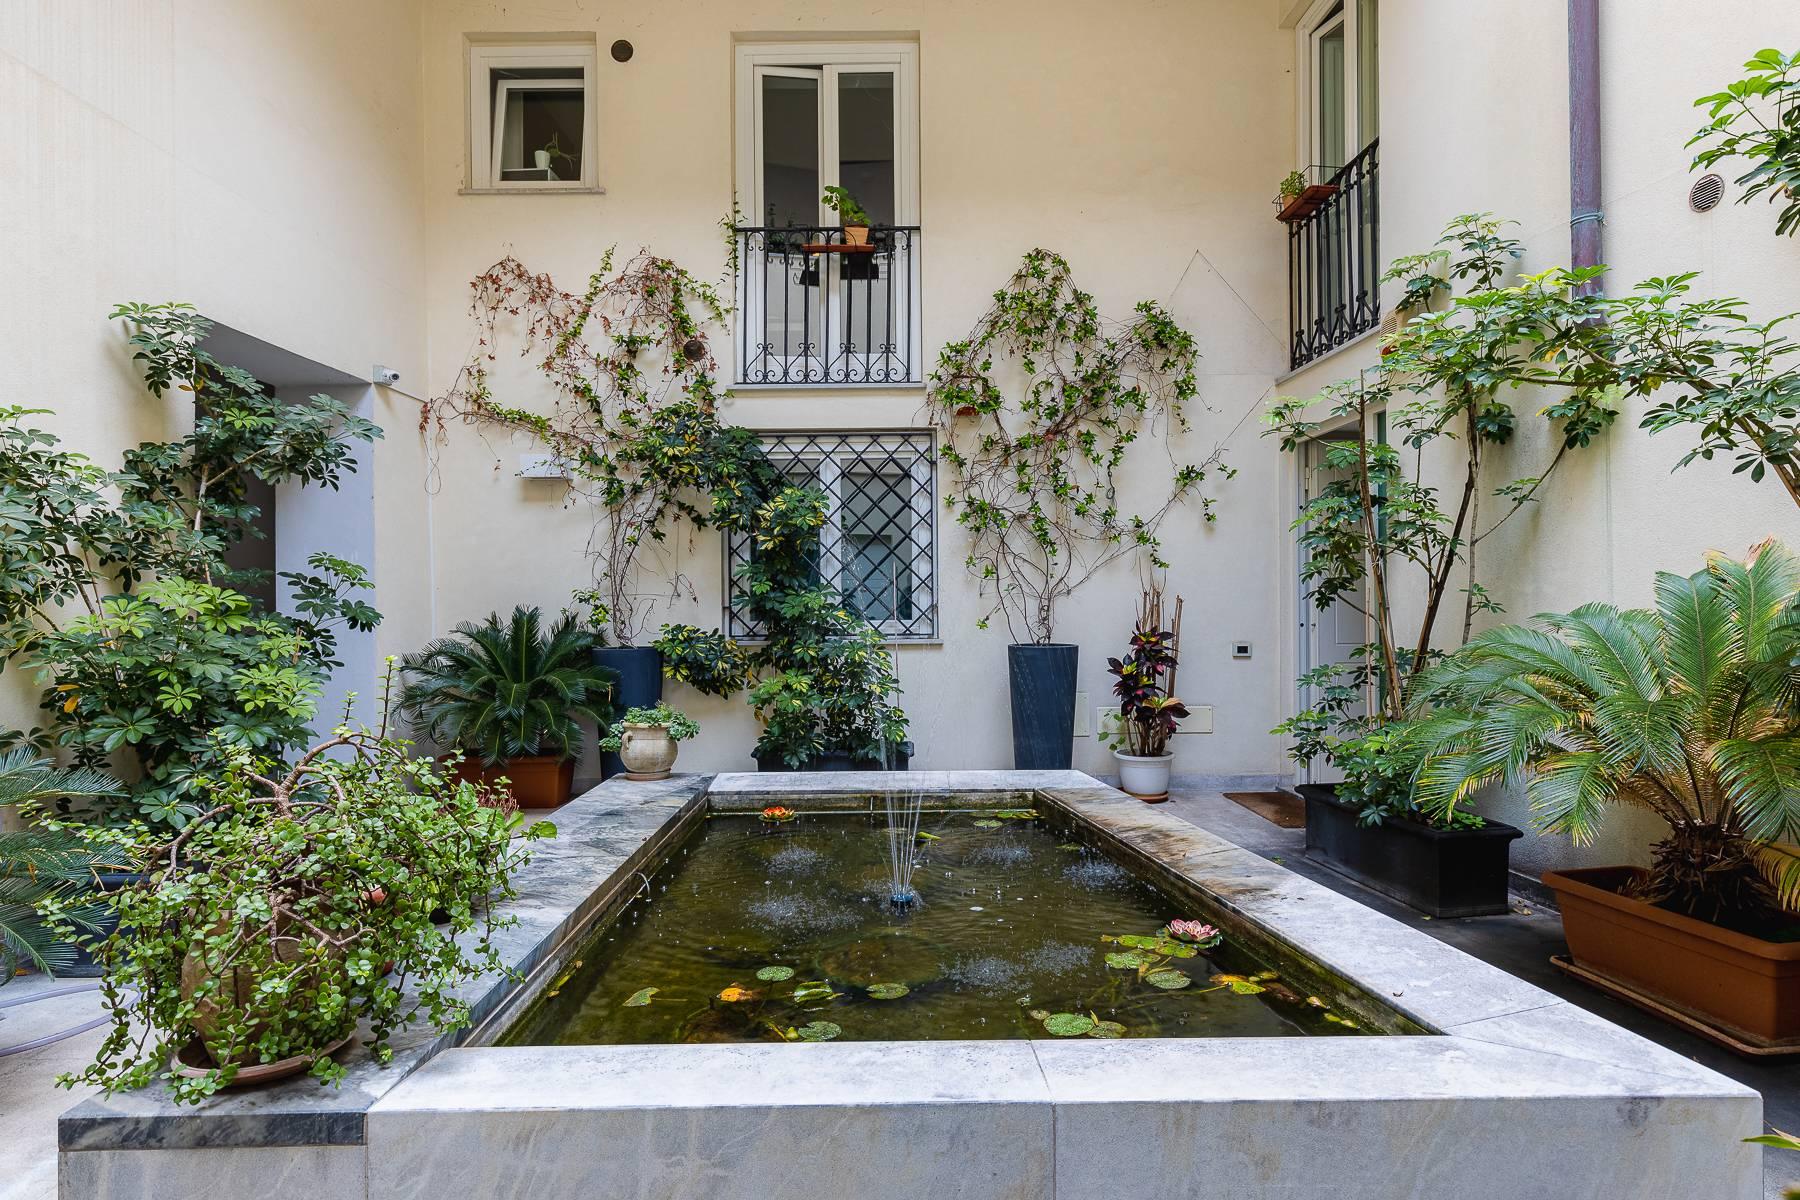 Appartamento in Vendita a Palermo: 4 locali, 154 mq - Foto 4